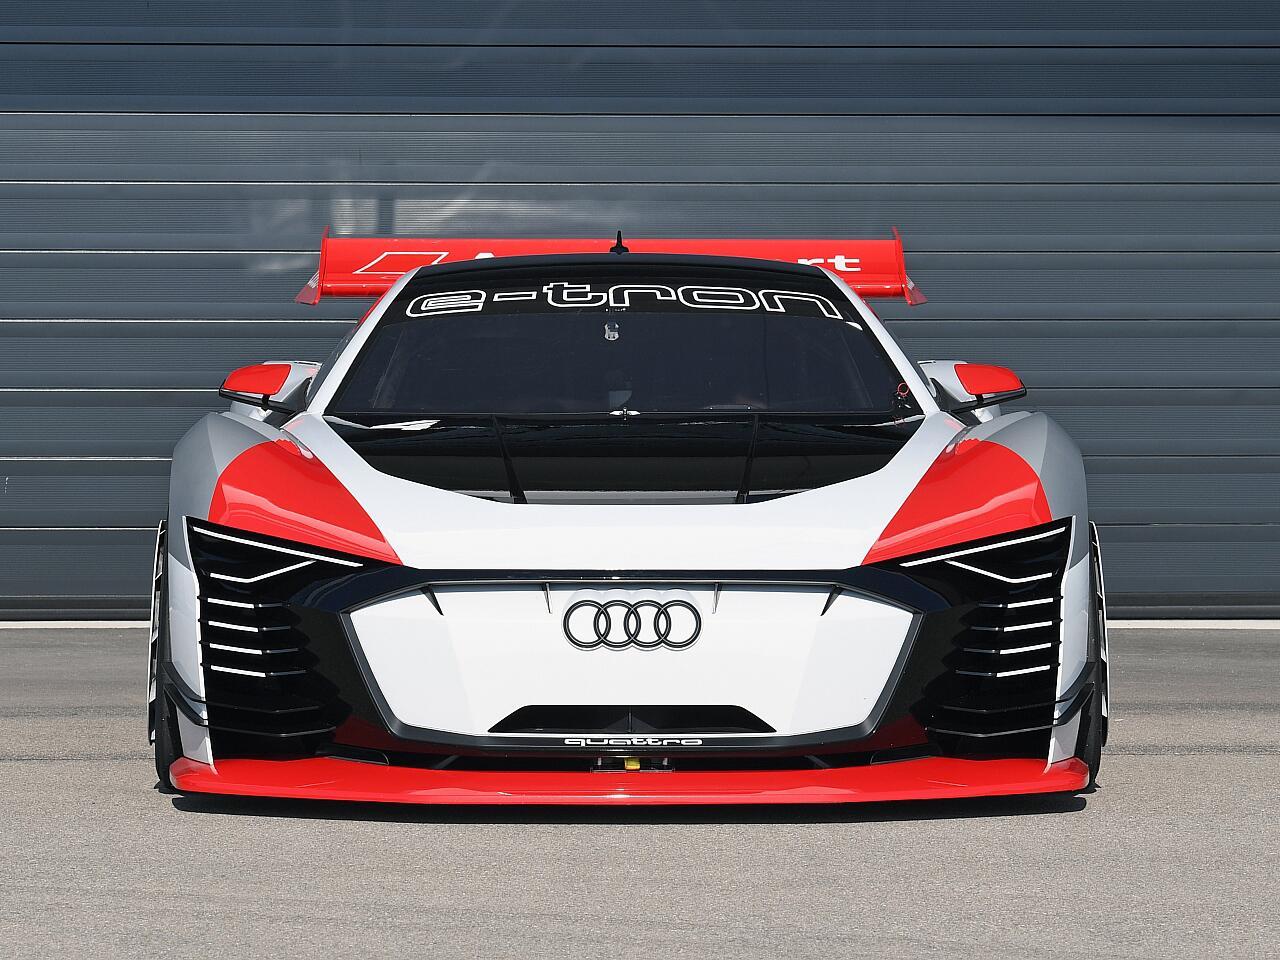 Bild zu Audi e-tron Vision Gran Turismo: PlayStation-Bolide wird zum realen Renntaxi